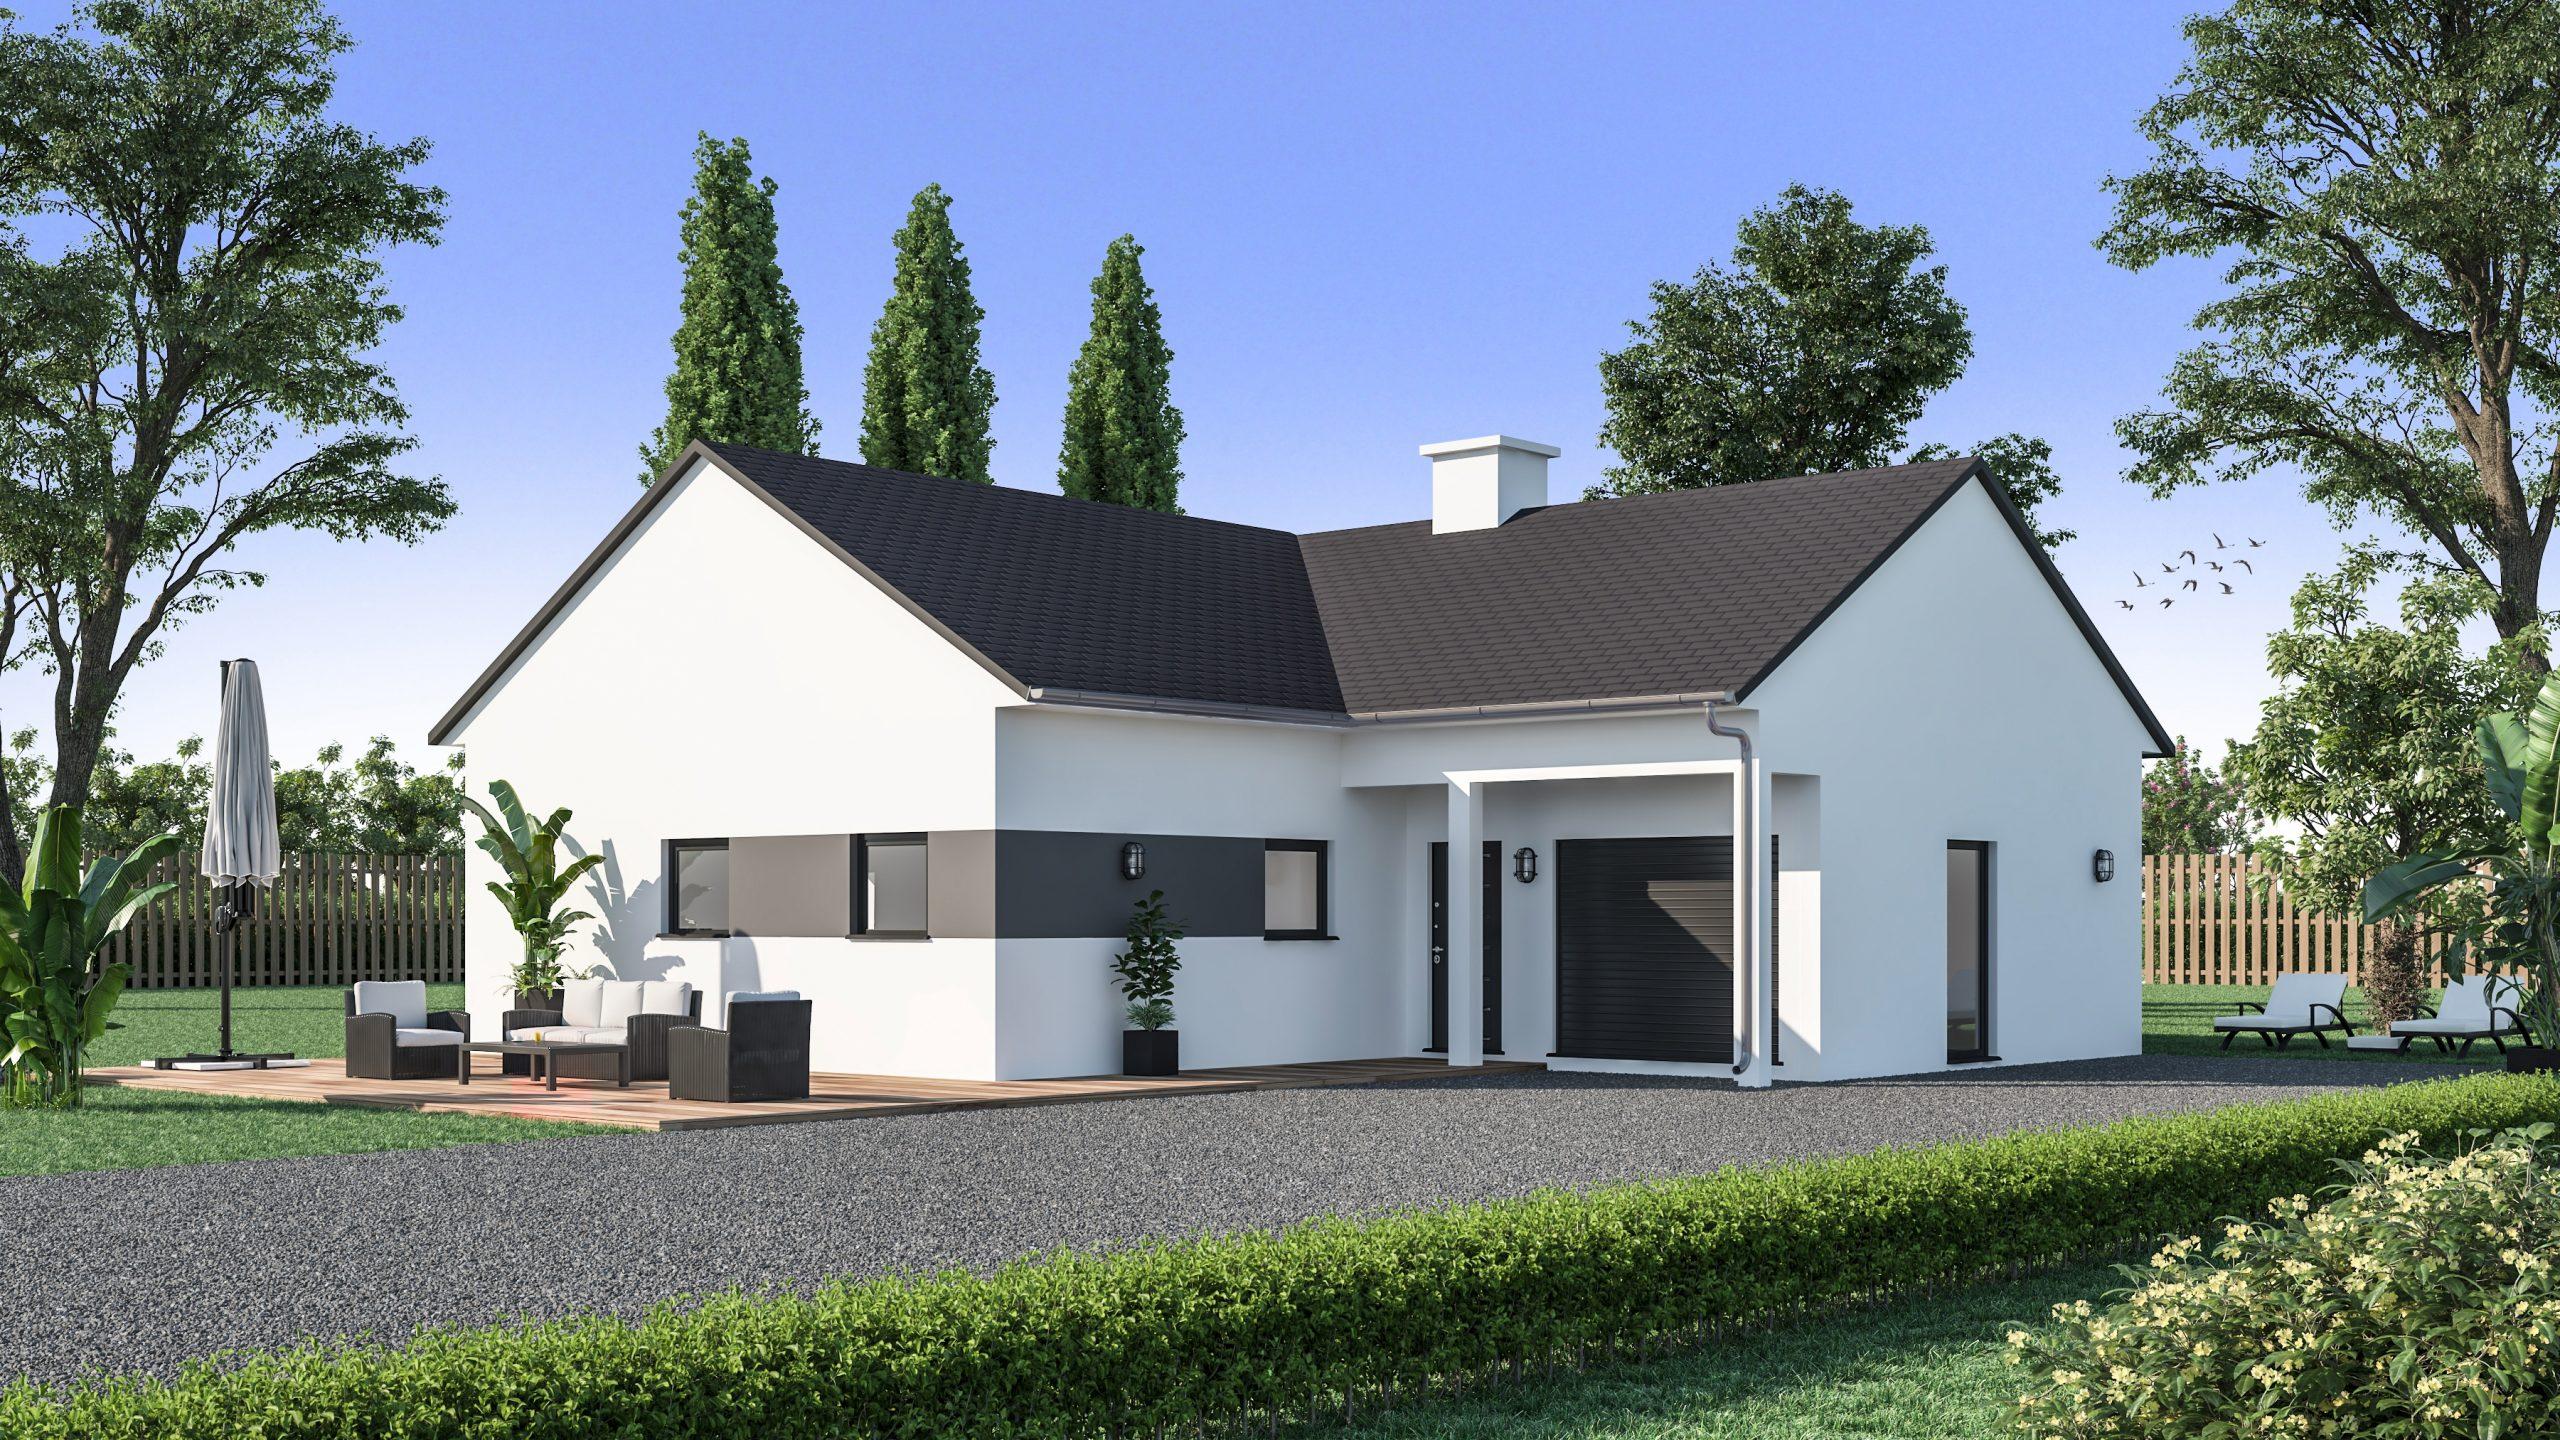 Maison Familiale De Plain Pied Maison De Style Traditionnel Maisons De L Avenir